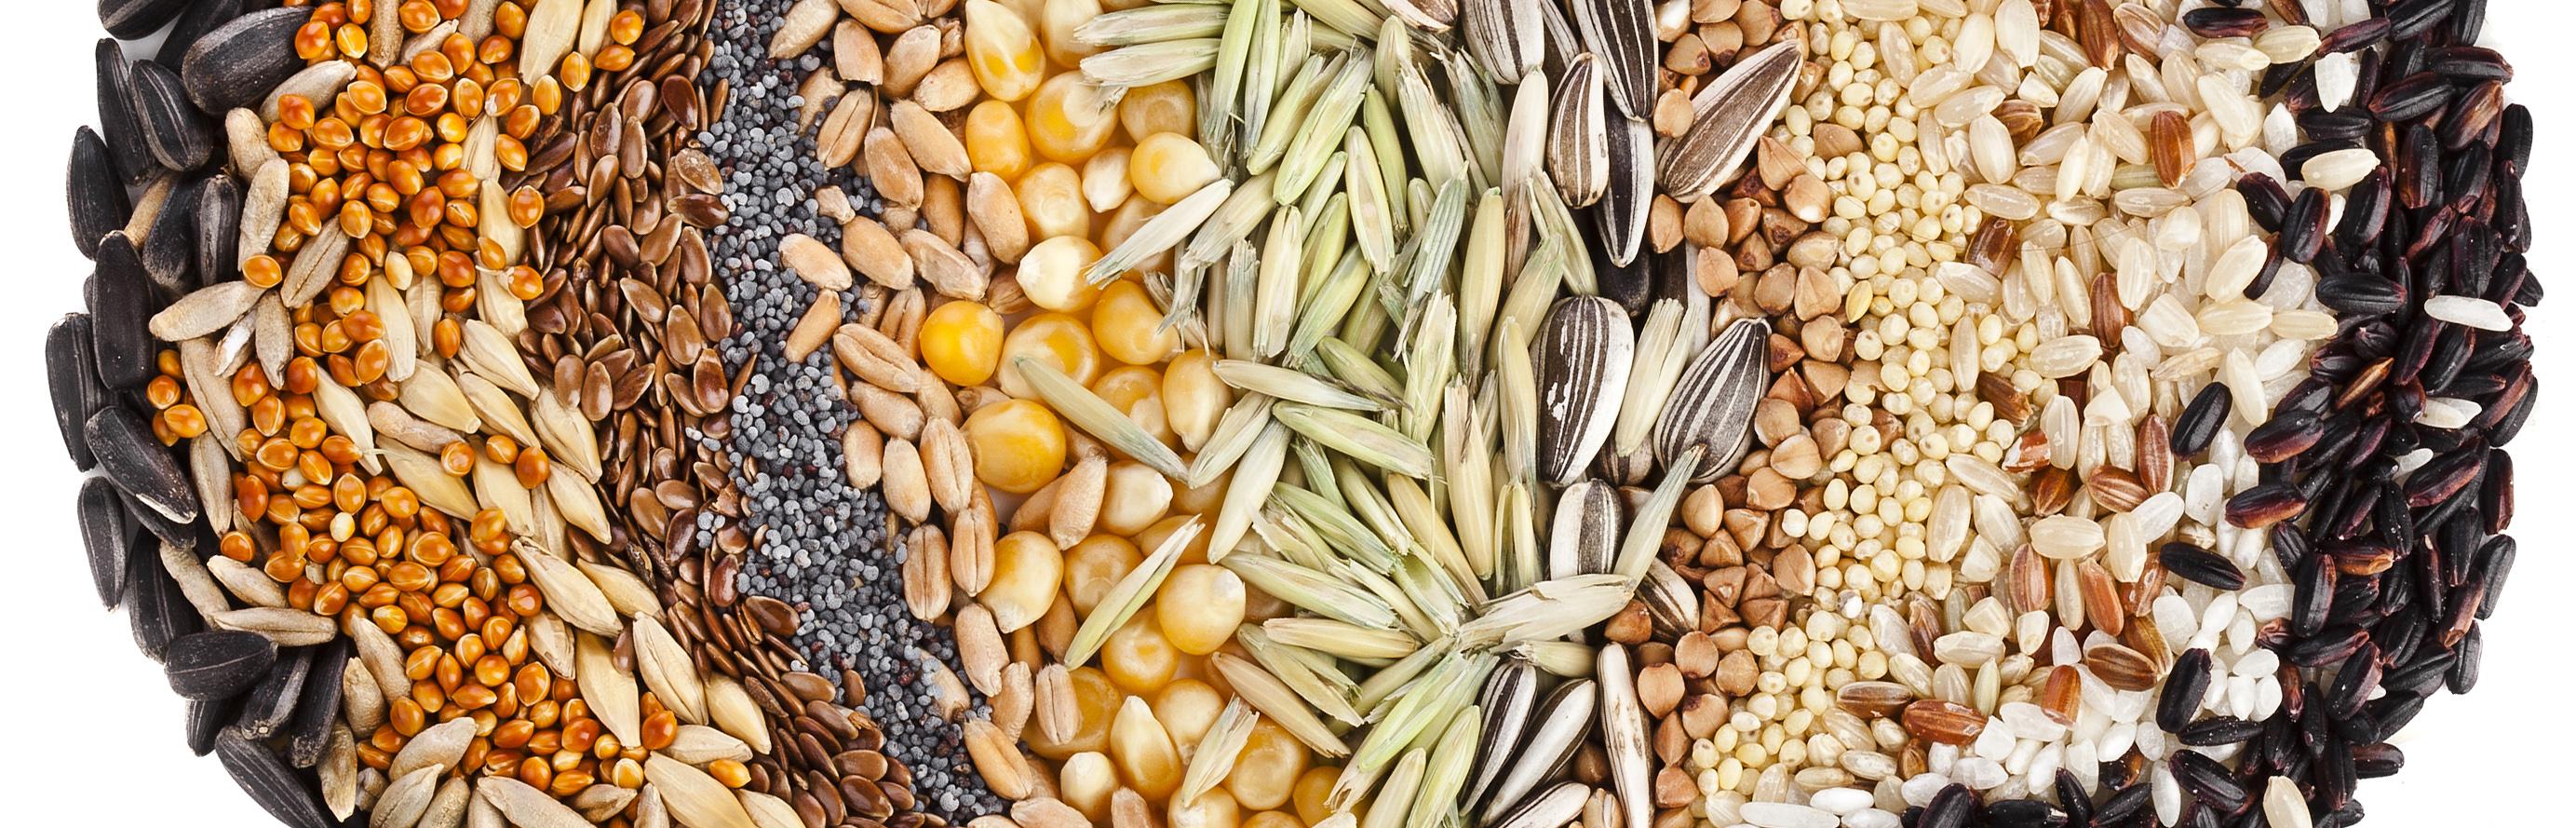 Næringsrike frø og kornslag